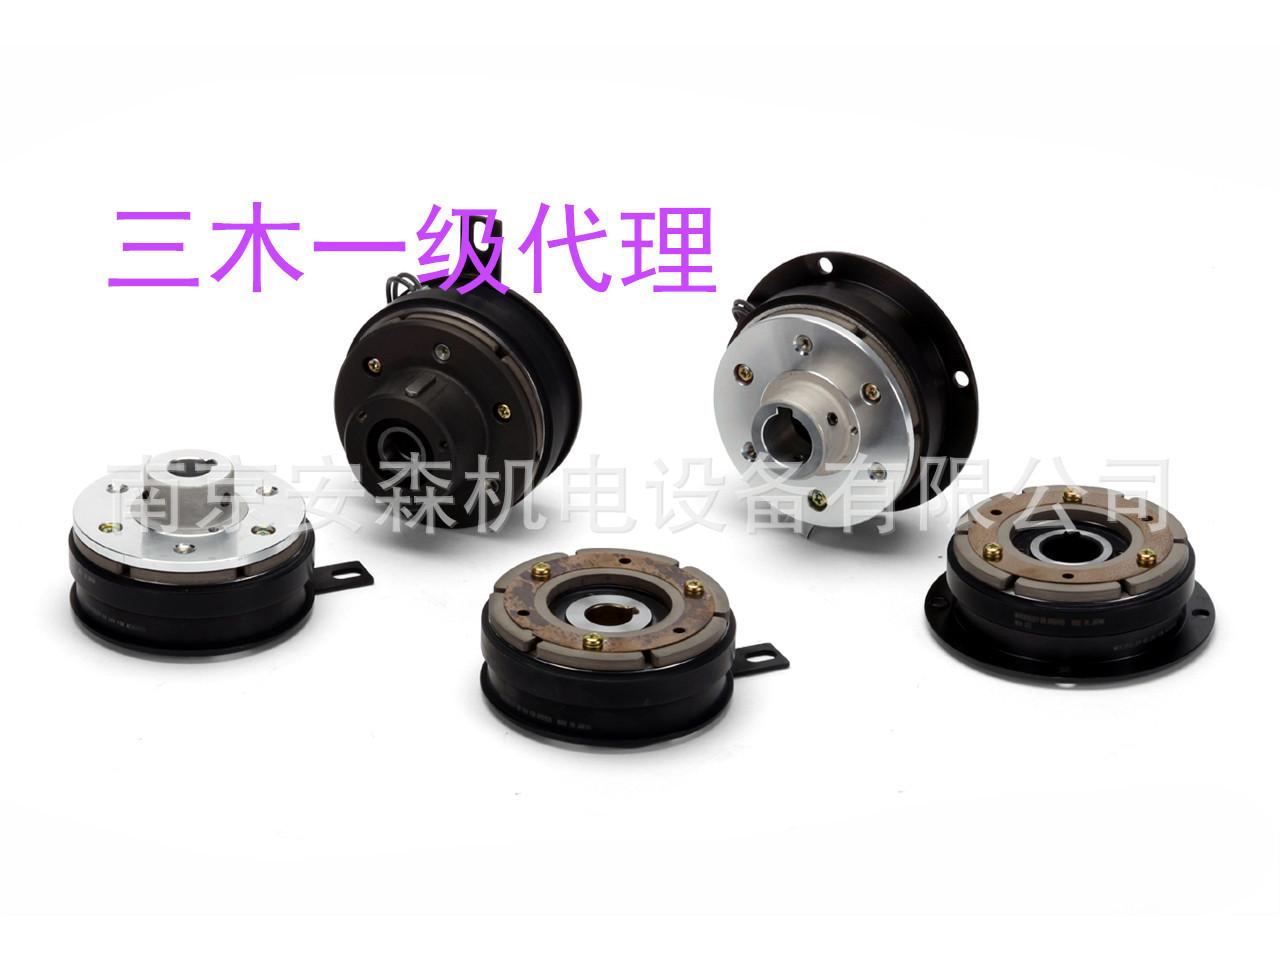 日本三木一级代理 励磁型离合器和制动器 101111CSCSZBSZ